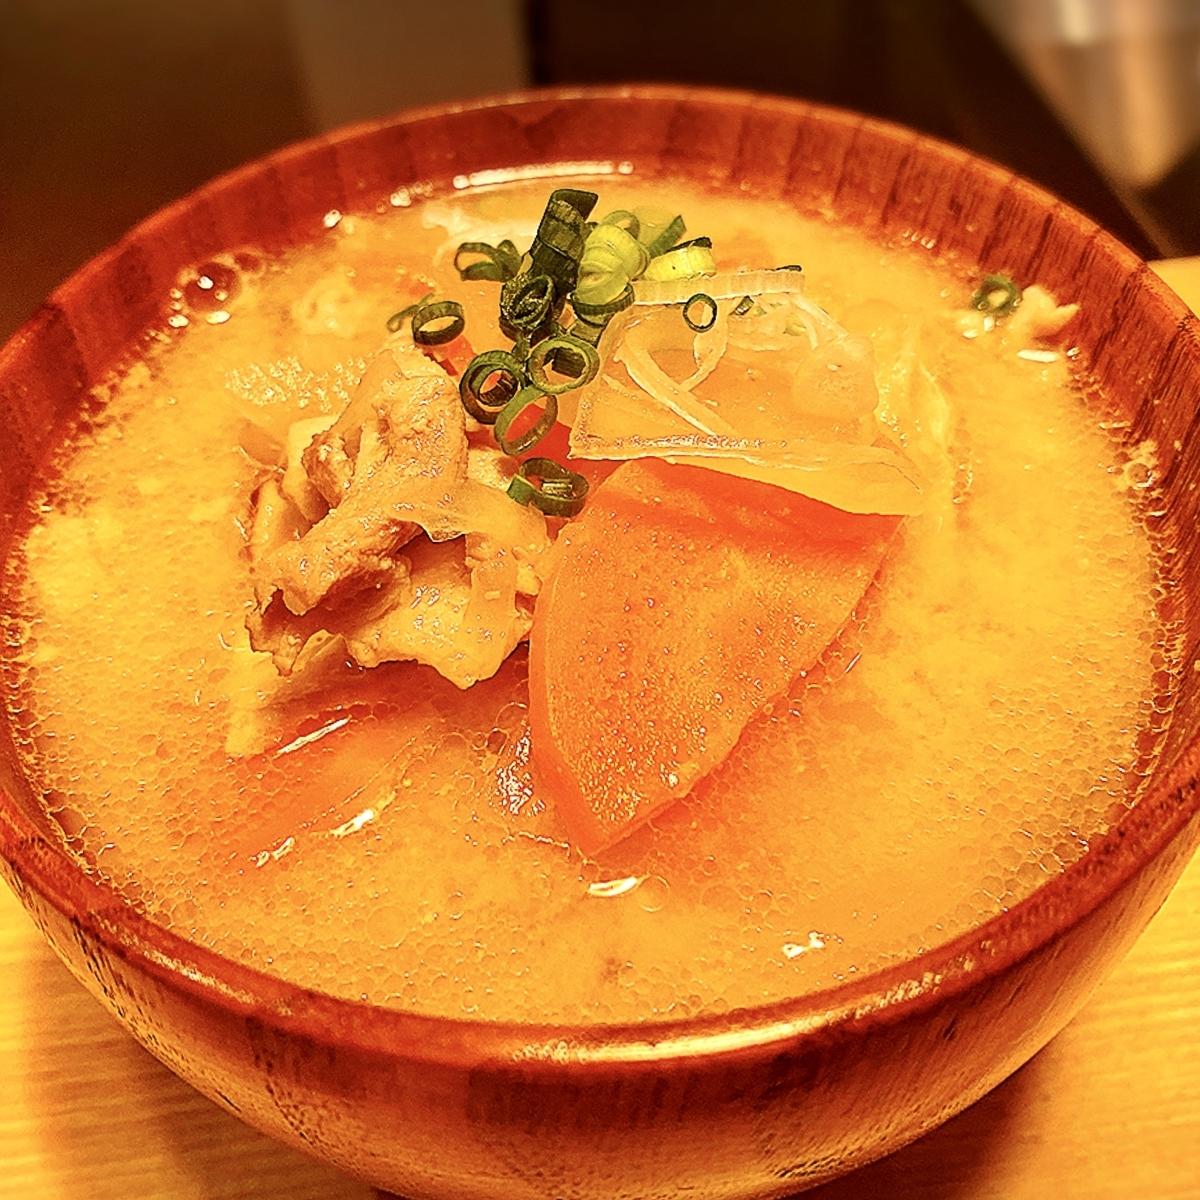 「権八 NORI-TEMAKI 原宿」は手巻き寿司好きにはもってこいのお寿司屋でした!